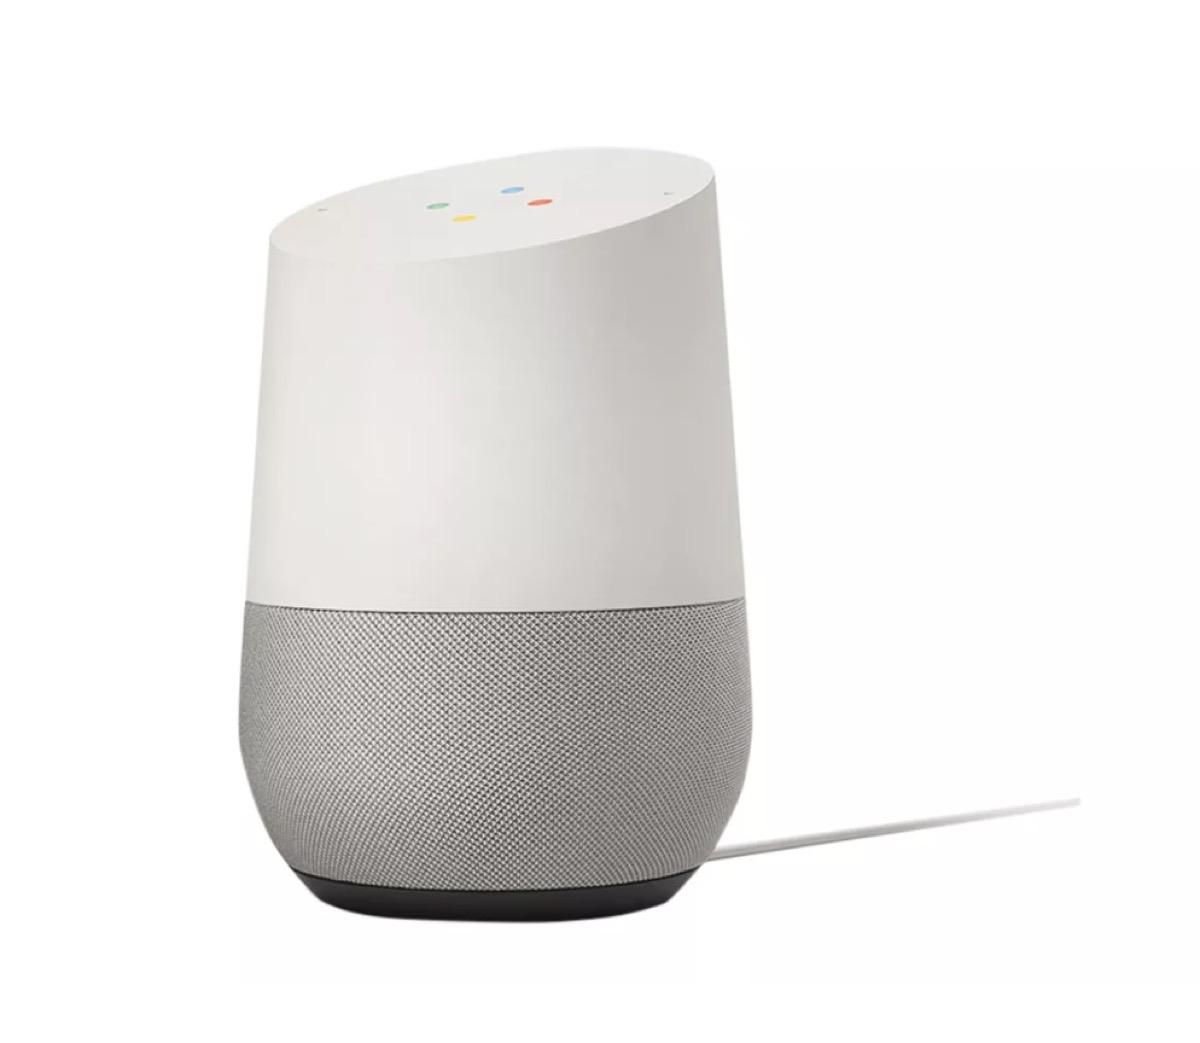 google home gray and white smart speaker